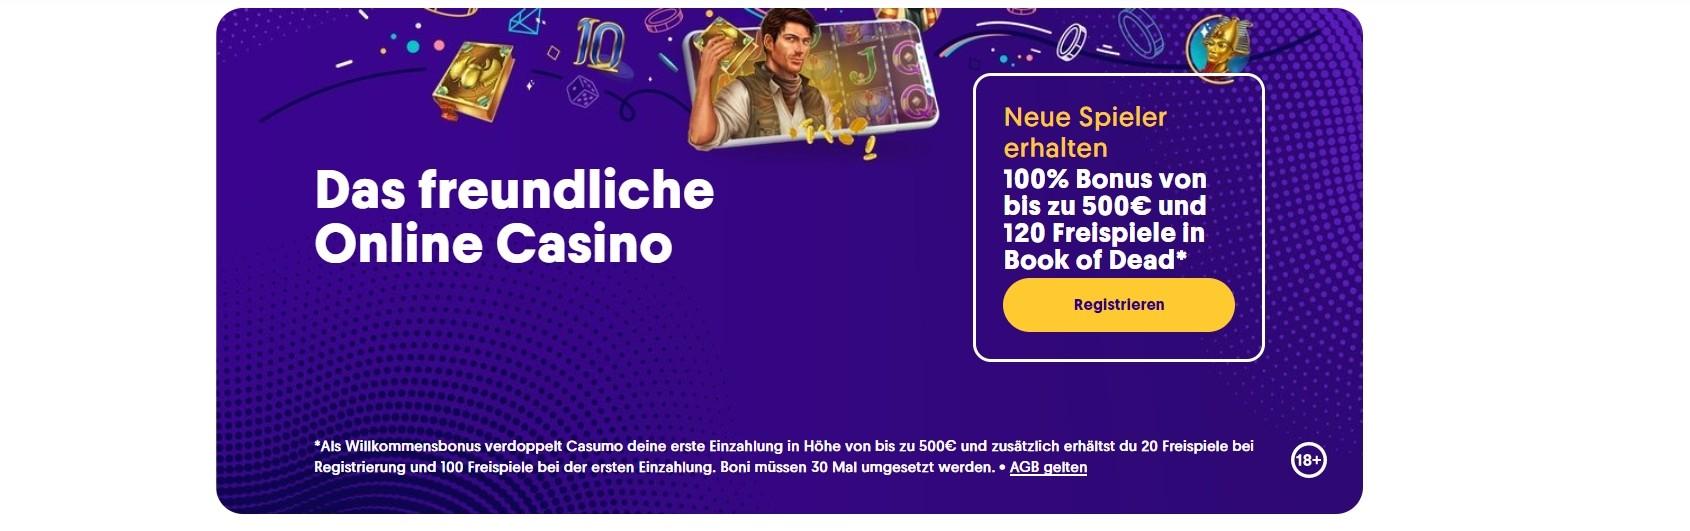 Casumo Casino Bonus für die erste Einzahlung